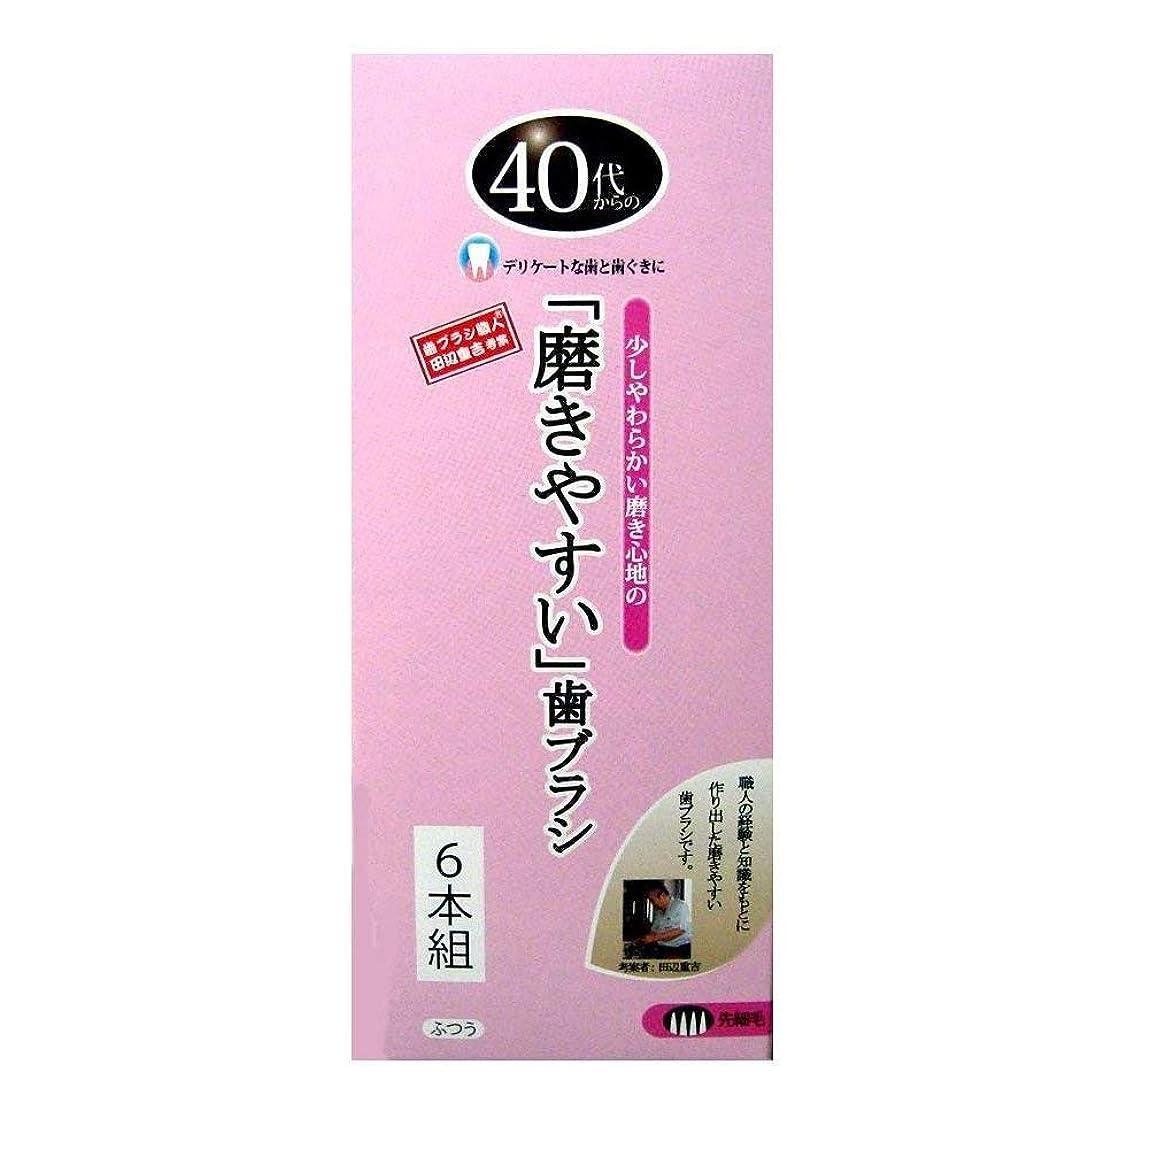 驚煙ぴったり歯ブラシ職人 Artooth ? 田辺重吉の磨きやすい 40代からの歯ブラシ 歯ぐきにやさしい 細めの毛 先細毛 日本製 6本セットLT-15-6